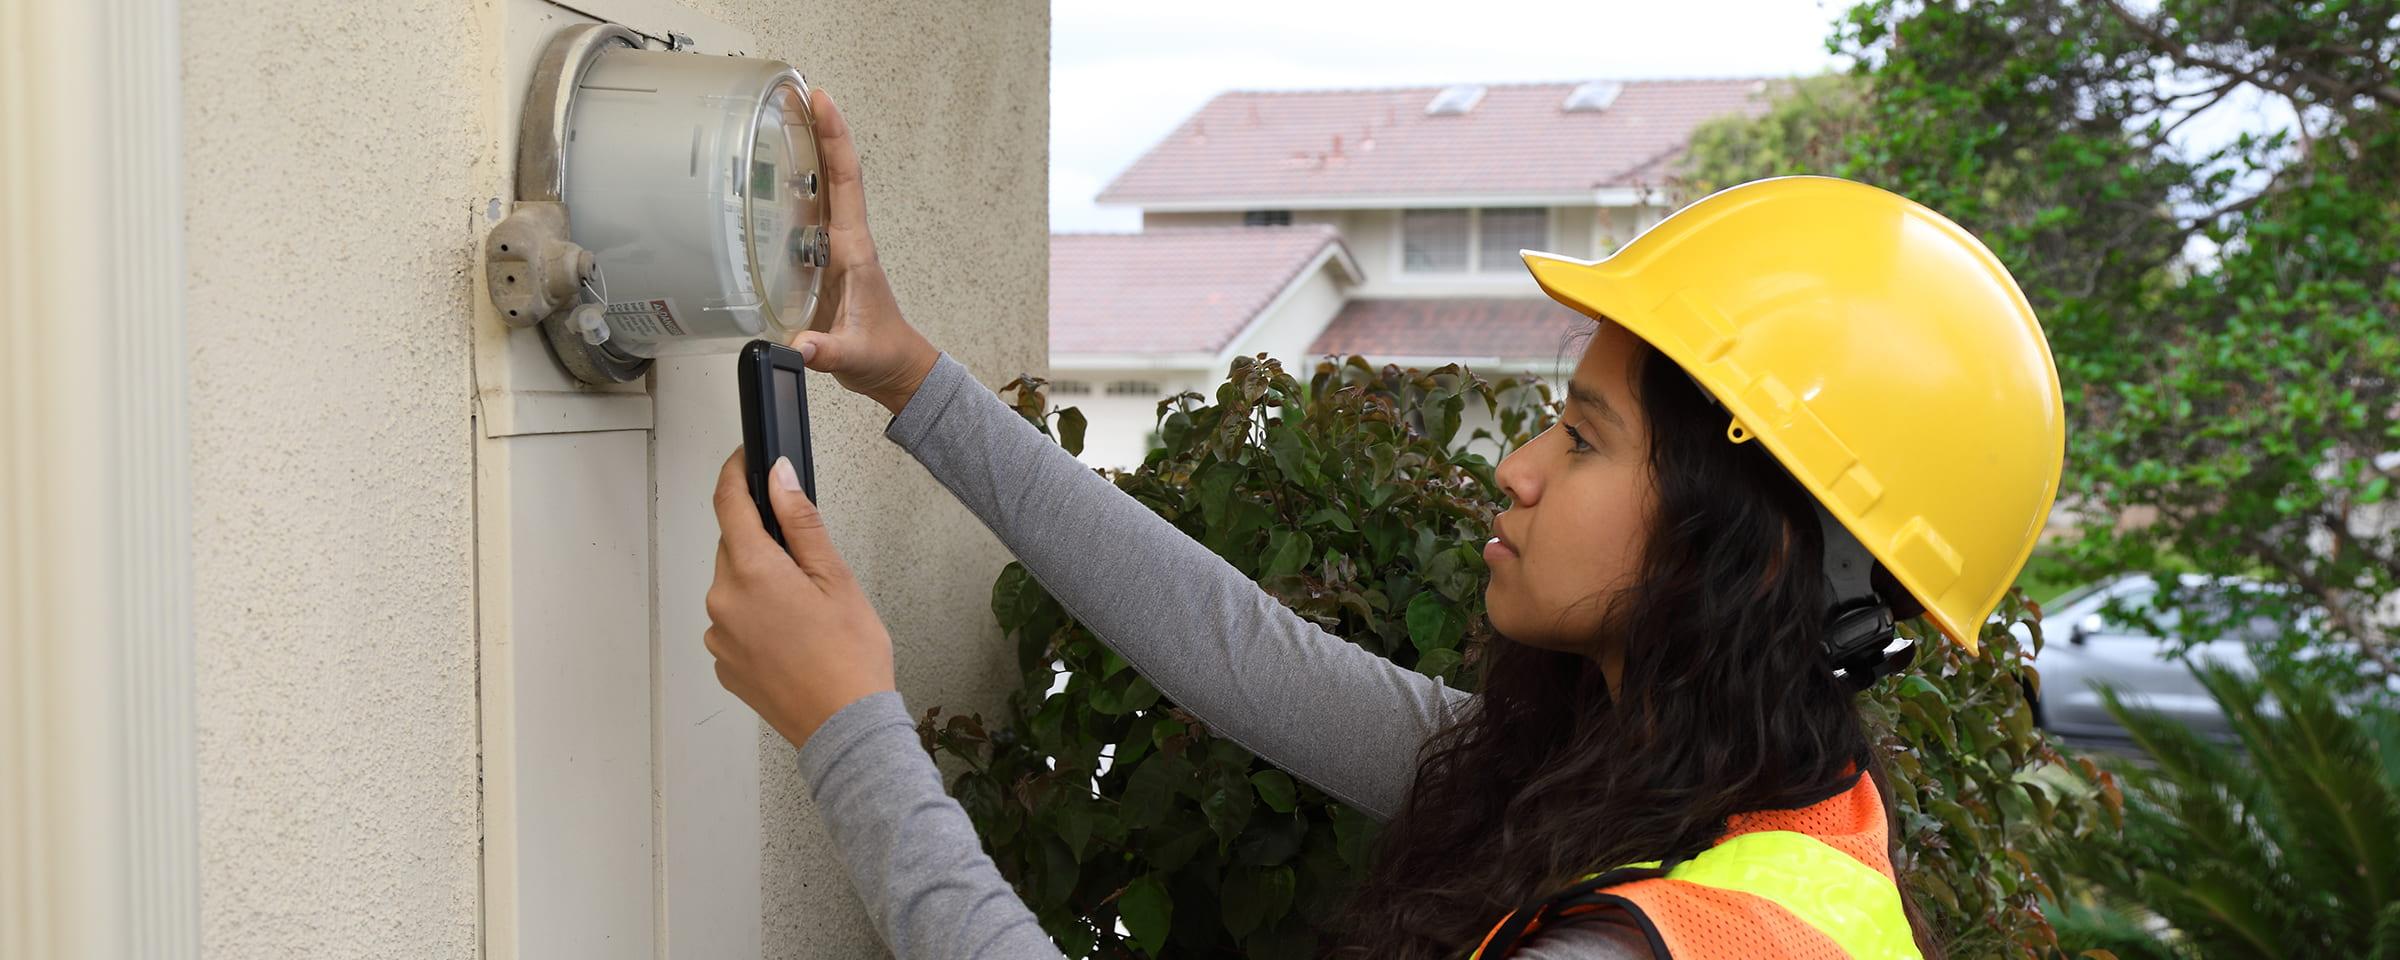 Energy Advisor worker on the job